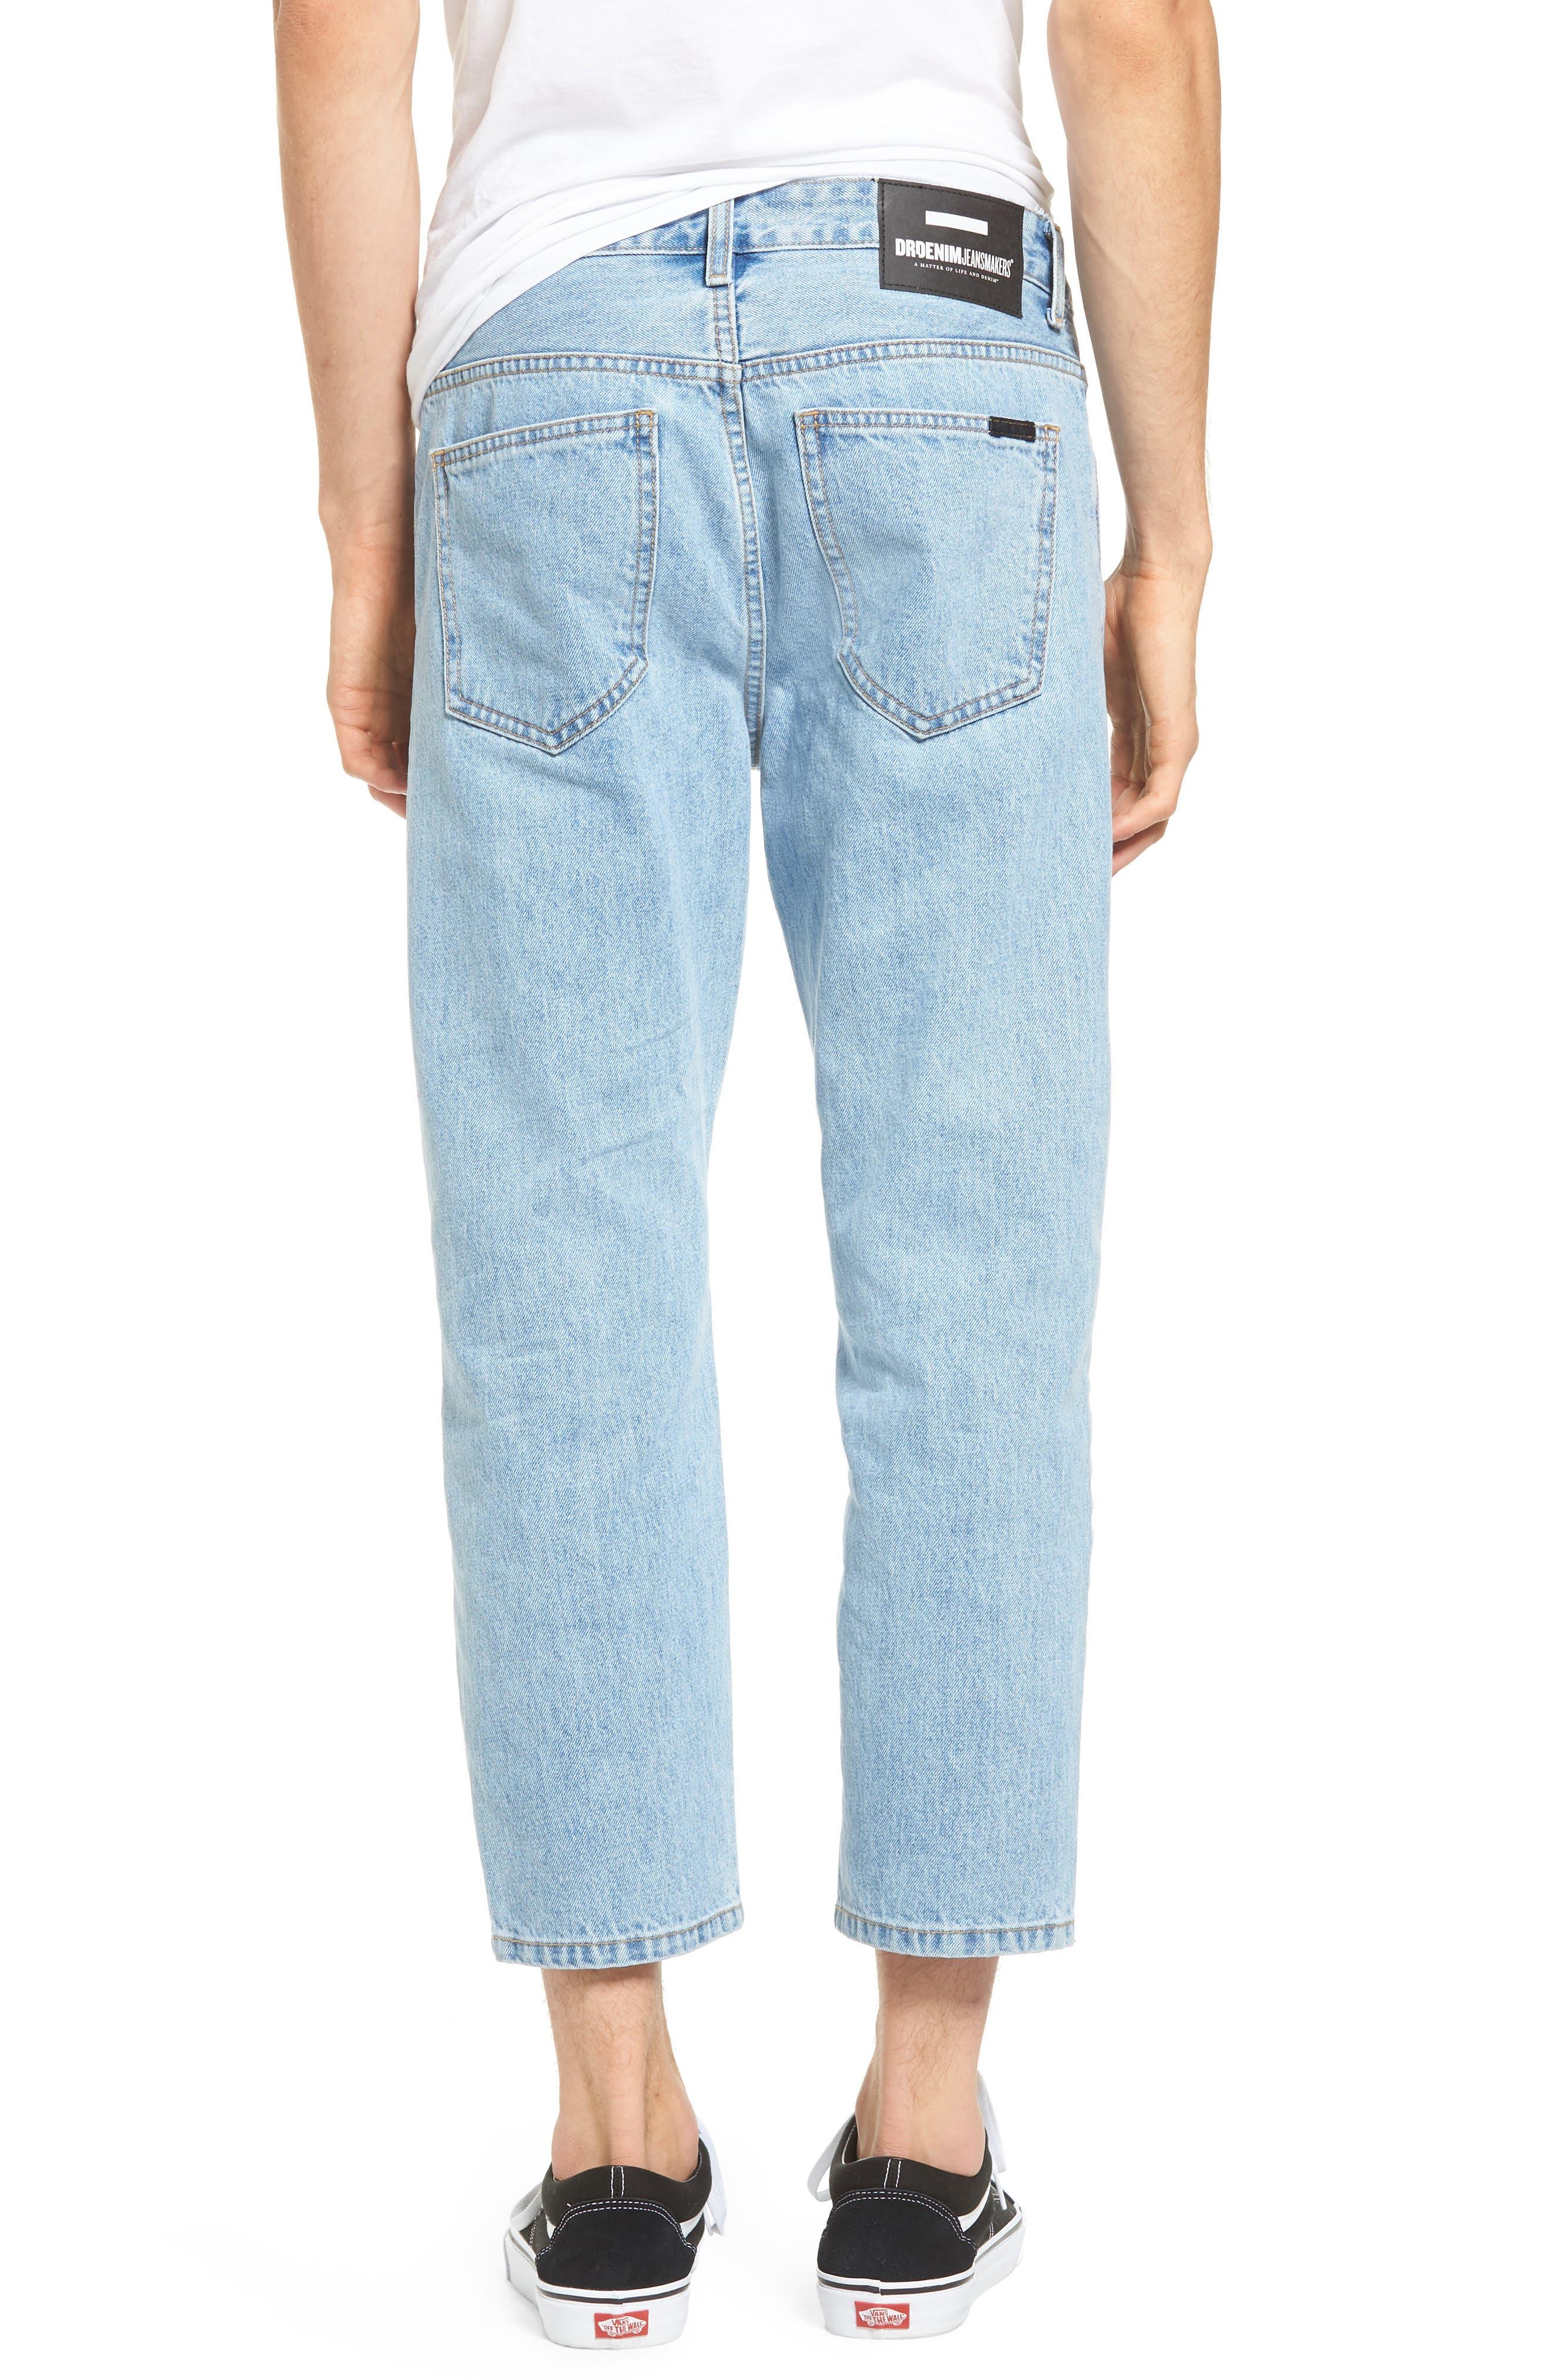 Alternate Image 2  - Dr. Denim Supply Co. Otis Straight Fit Jeans (Light Retro)